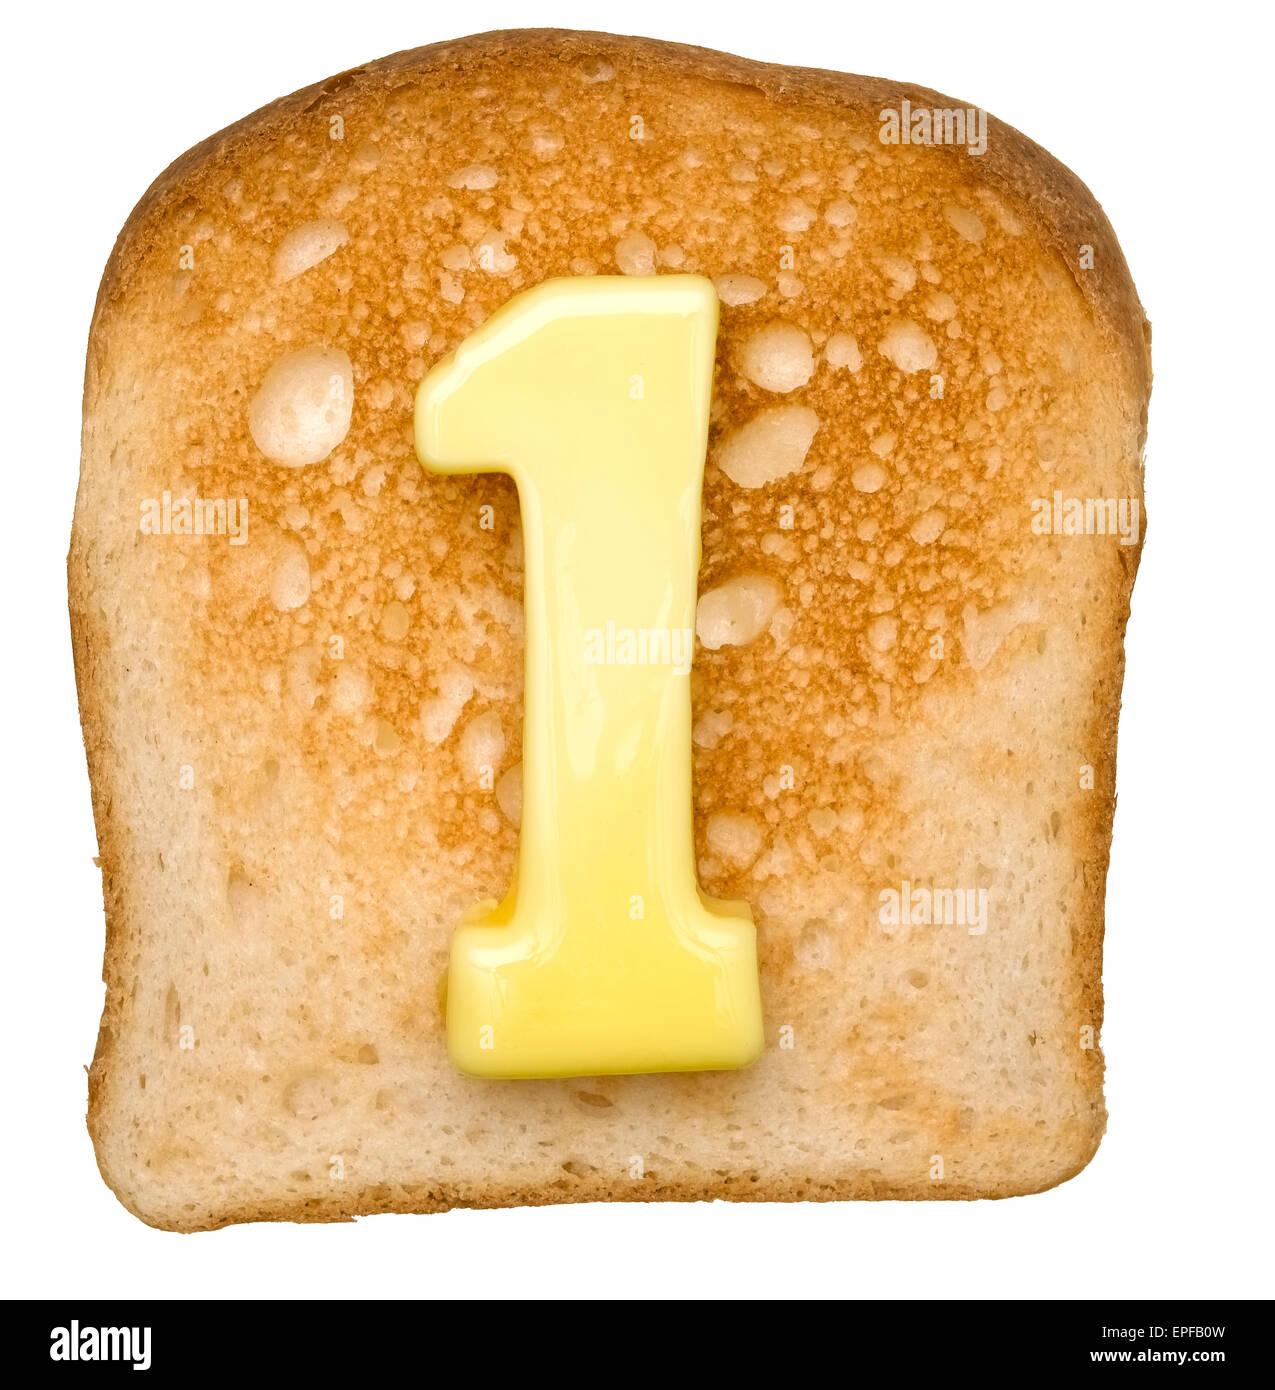 Tostadas con mantequilla aislada número 1 Imagen De Stock